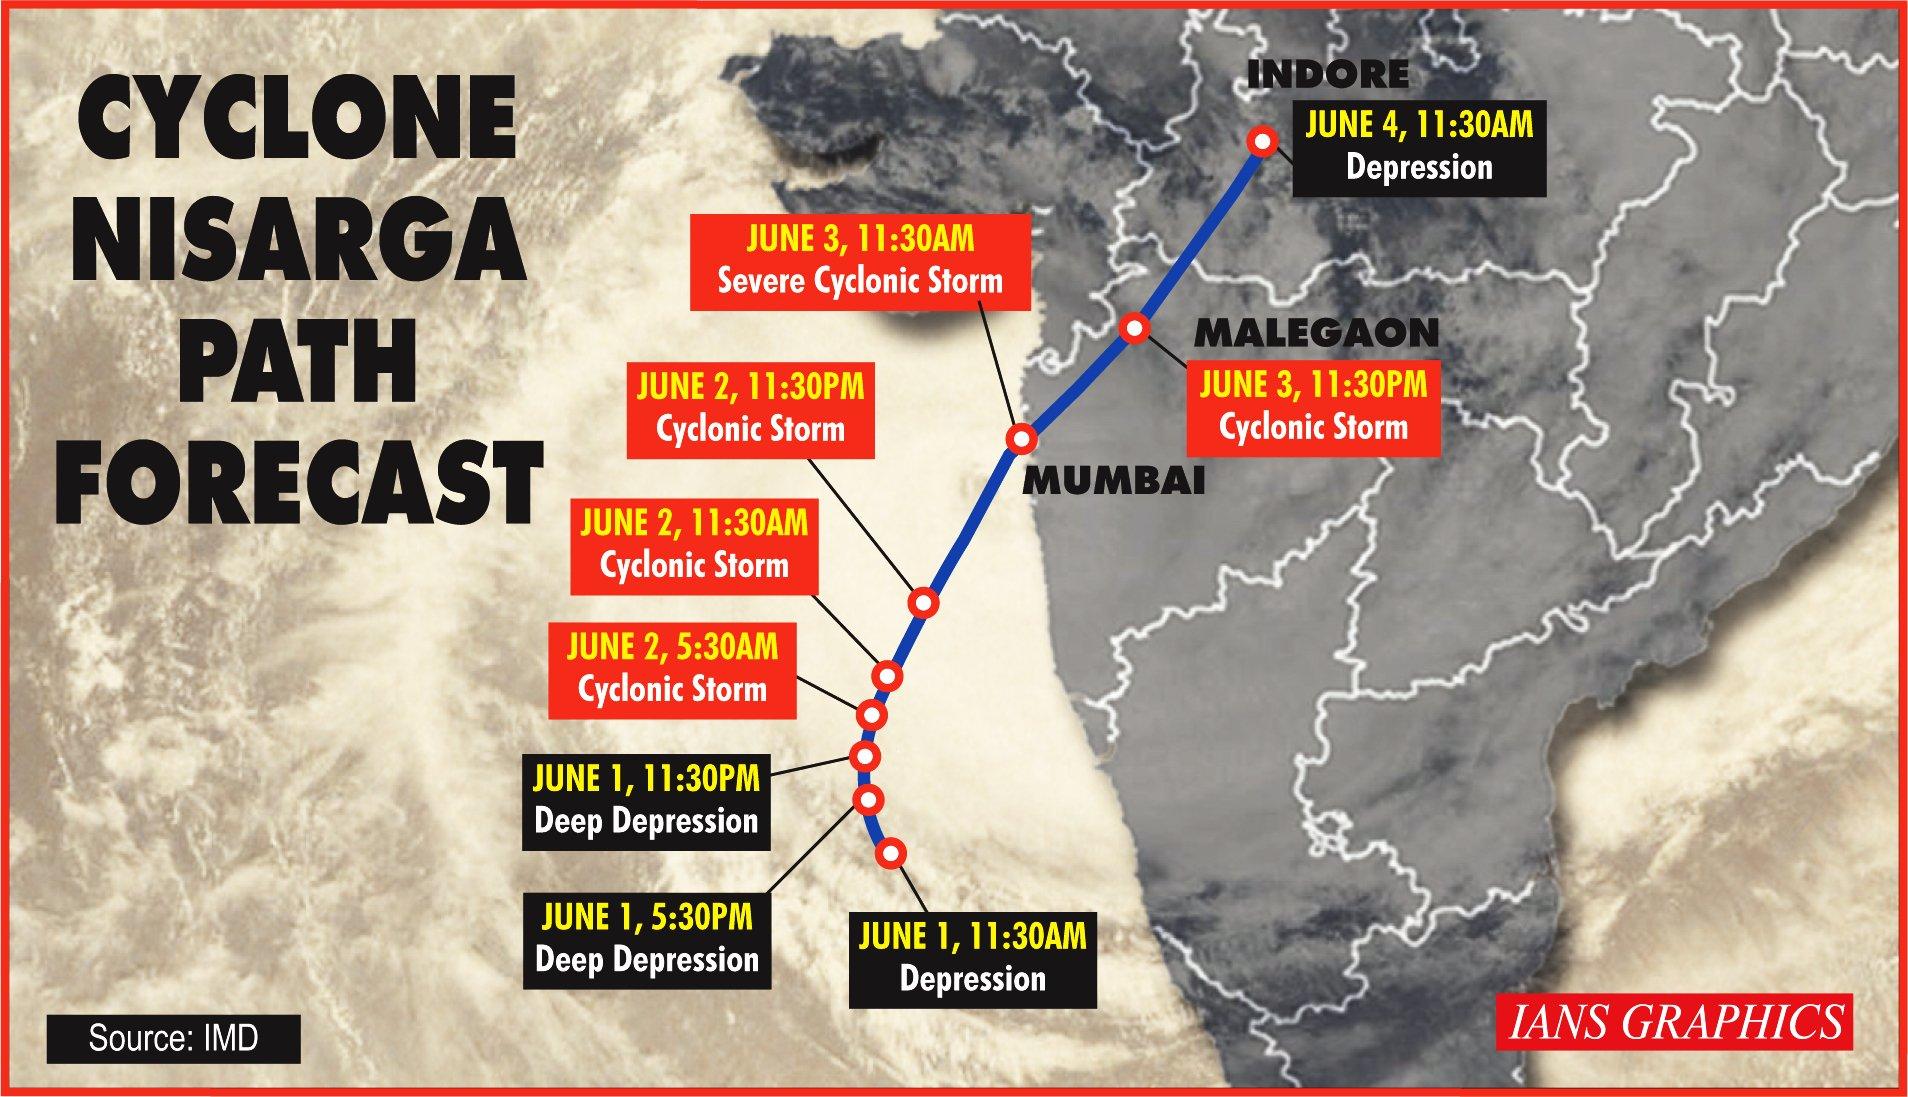 अम्फान के बाद निसर्ग चक्रवात का संकट : महाराष्ट्र में हाई अलर्ट, नौसेना भी तैयार